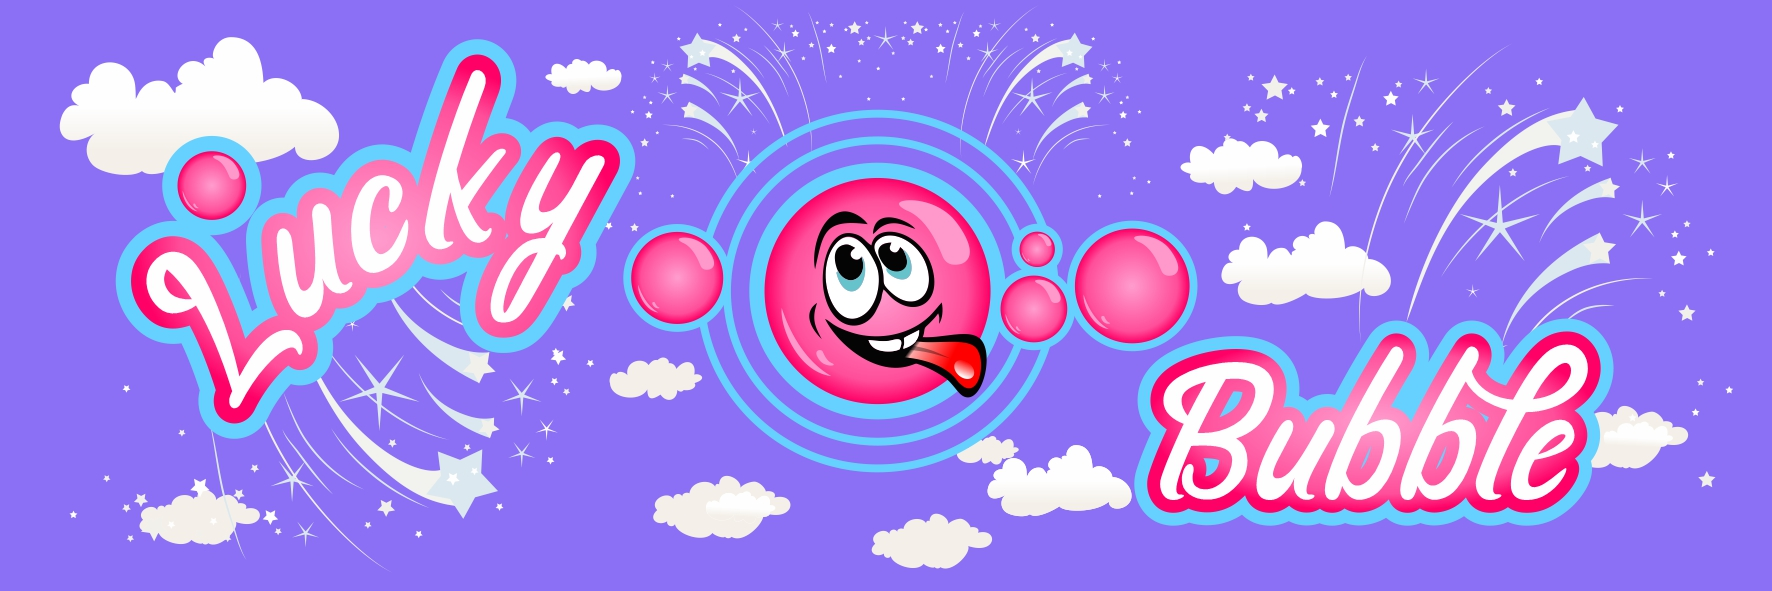 Разработка логотипа  фото f_1375fb4cb3f82196.jpg